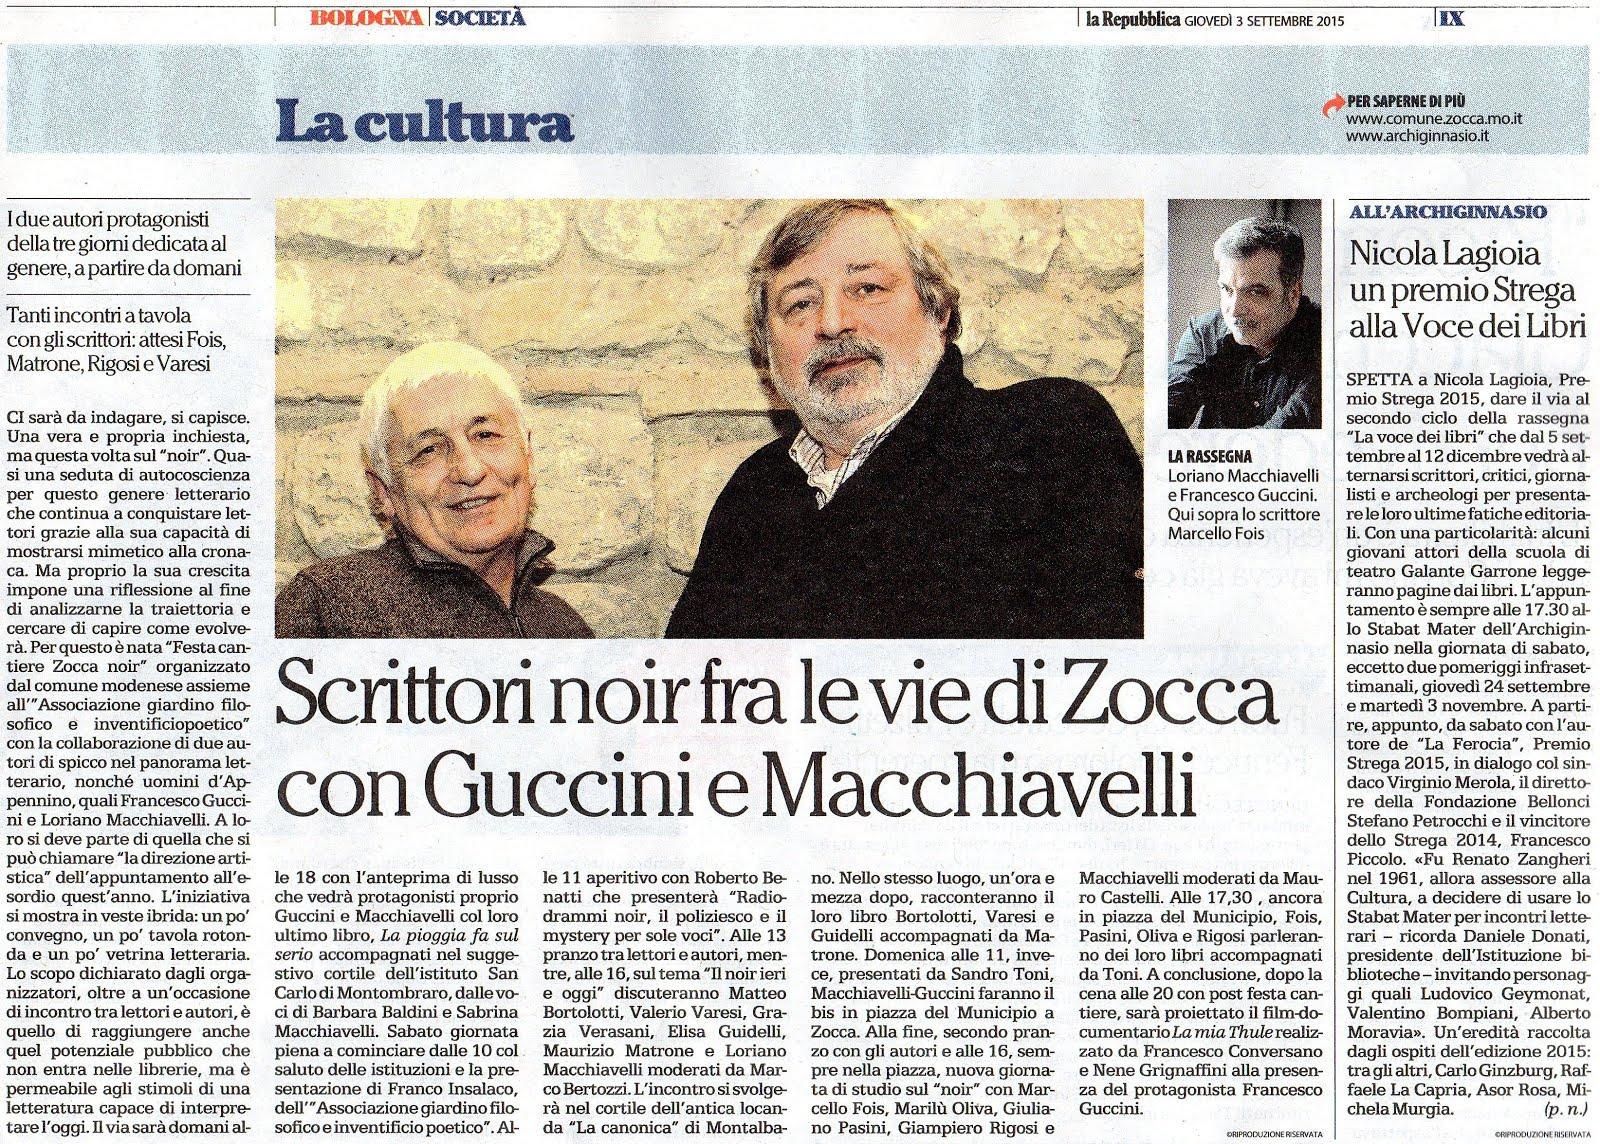 Repubblica del 3/09/2015